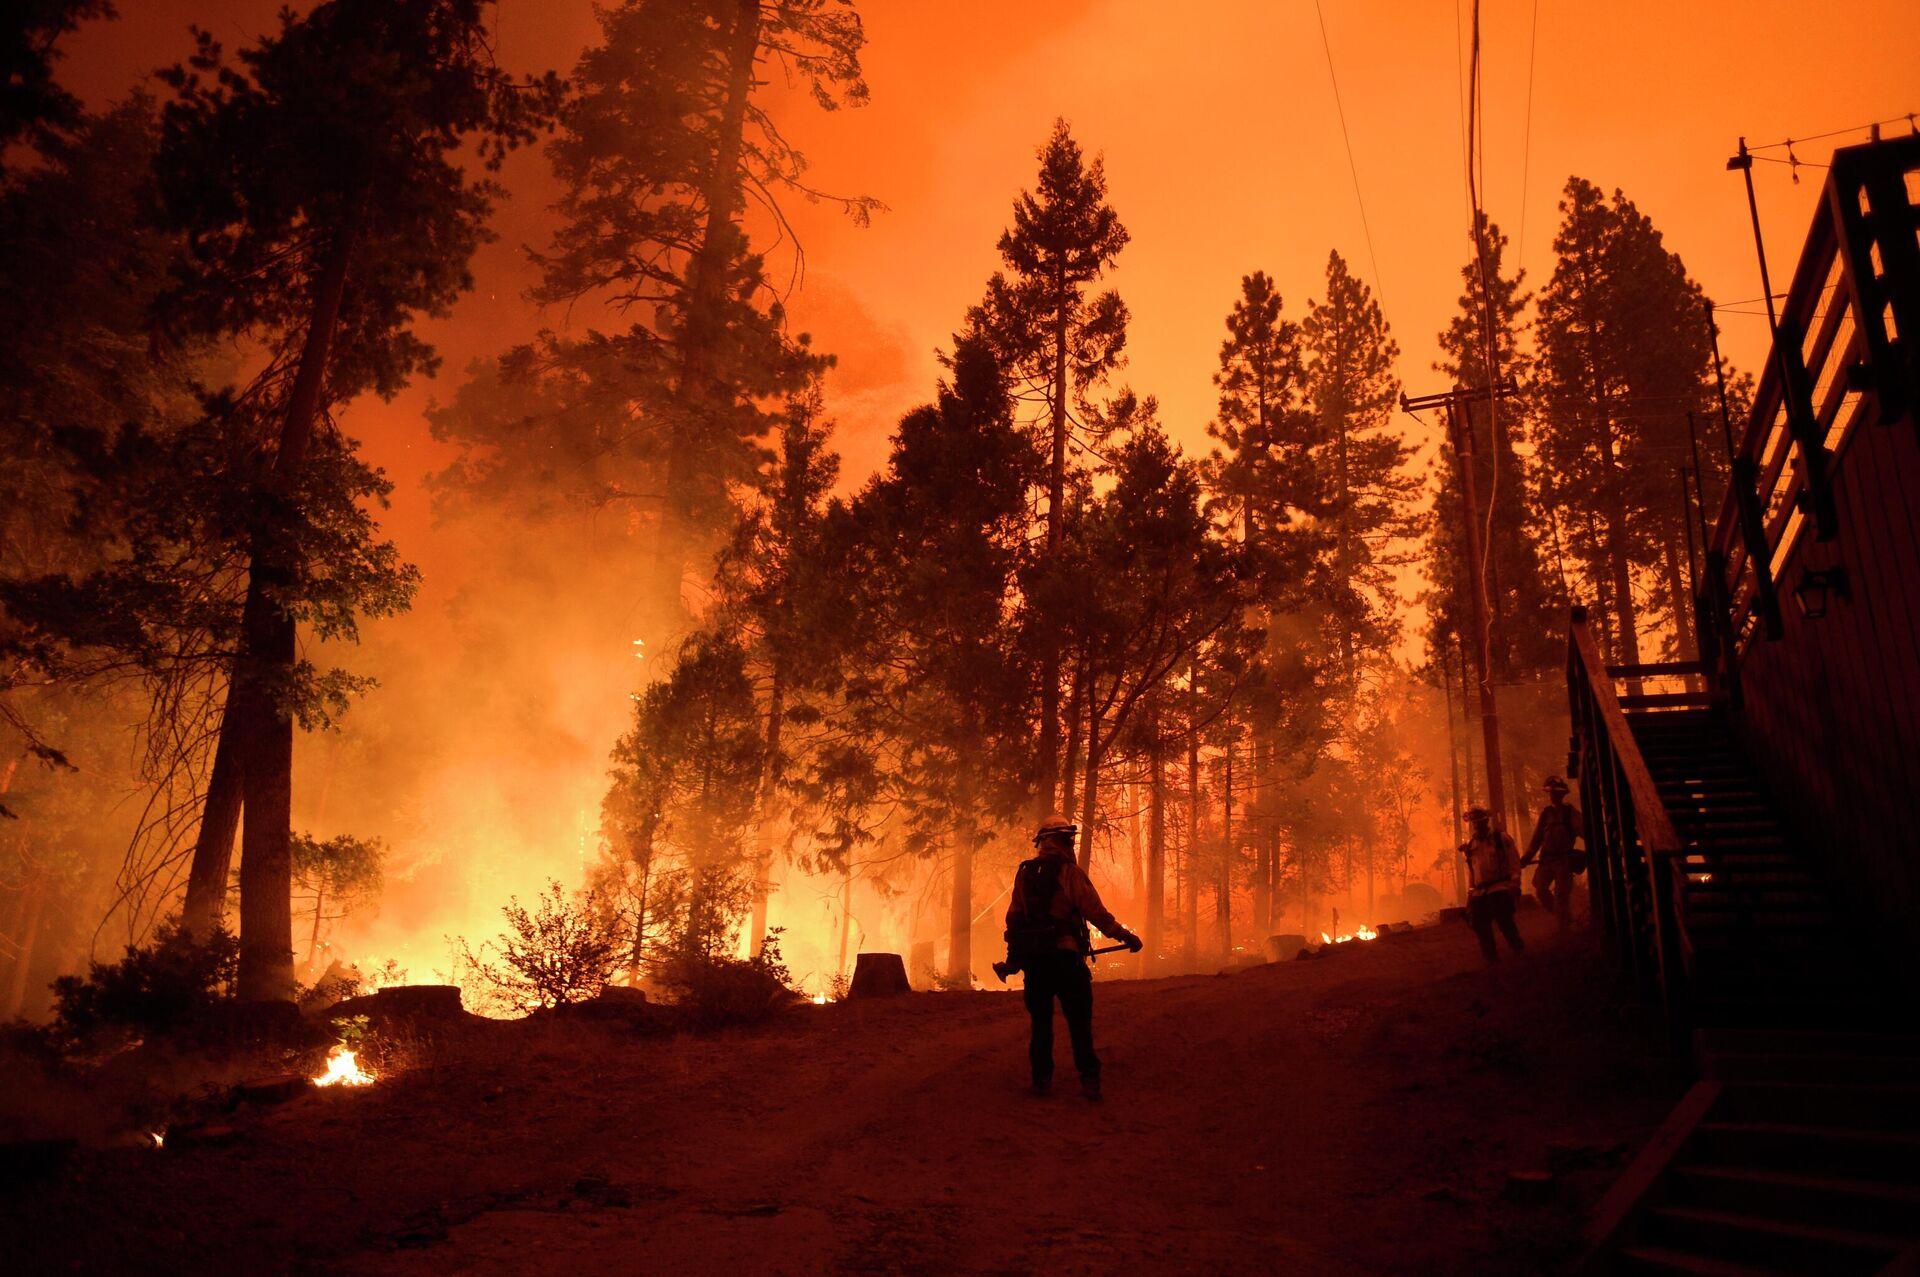 Пожарные во время тушения лесного пожара в штате Калифорния - РИА Новости, 1920, 22.12.2020